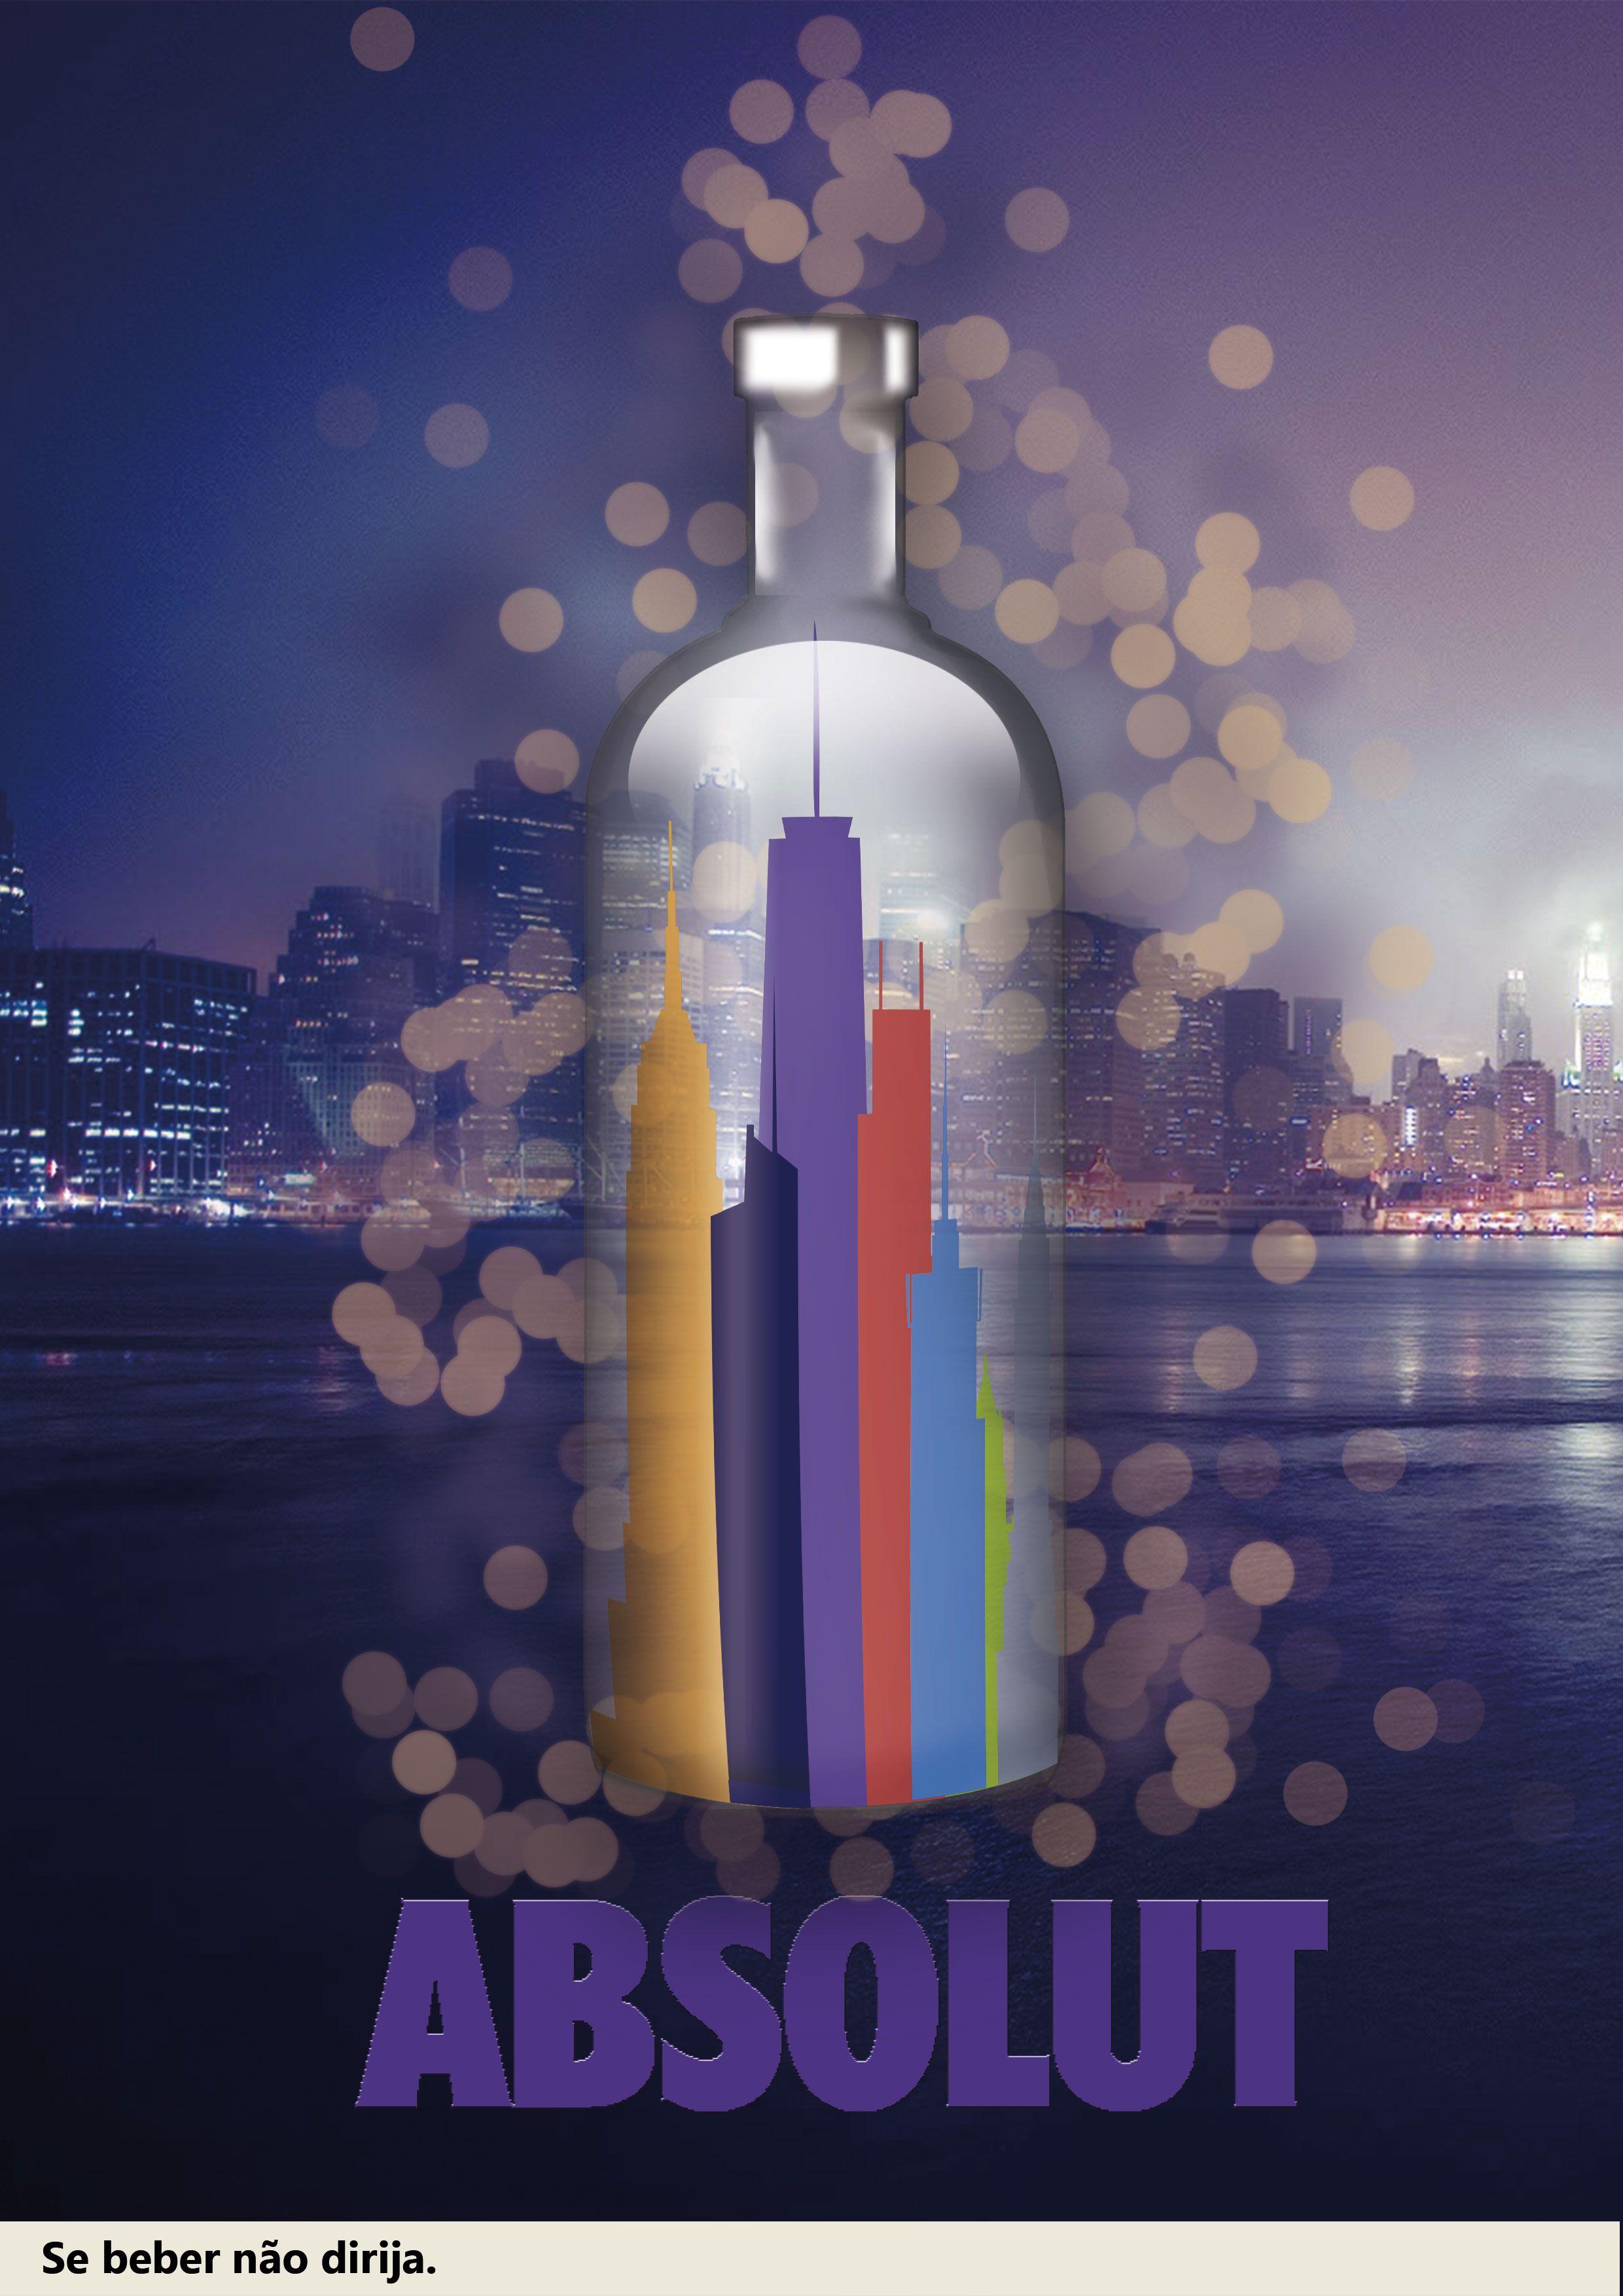 Garrafa de Vodka Absolut criada na aula de tratamento de imagem.